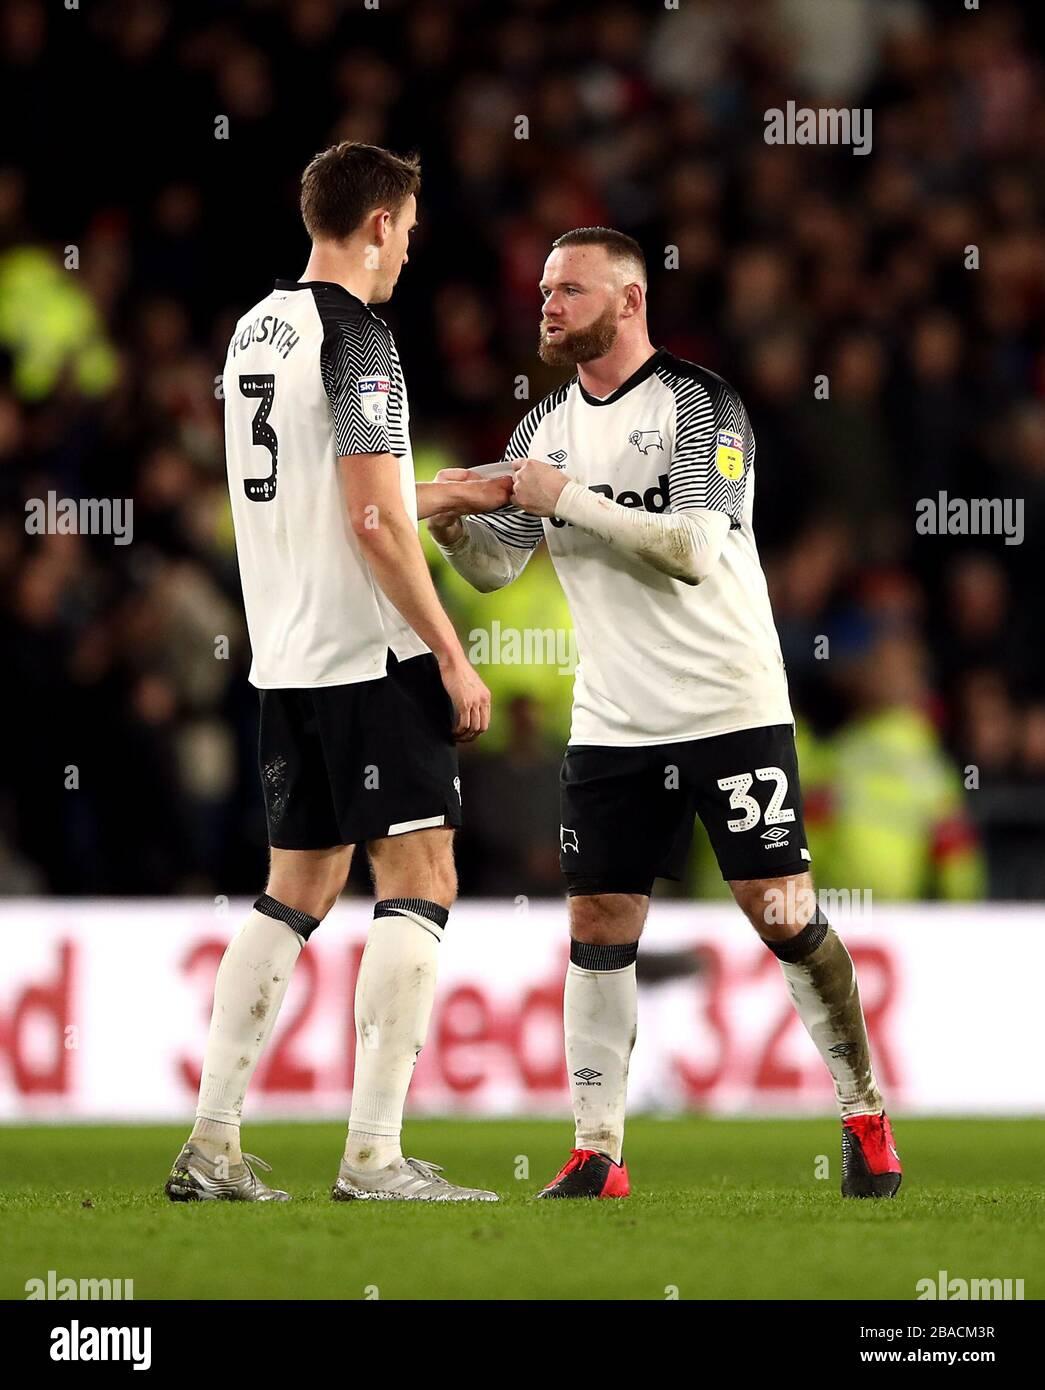 Mark My Words Newcastle United F.C Armband